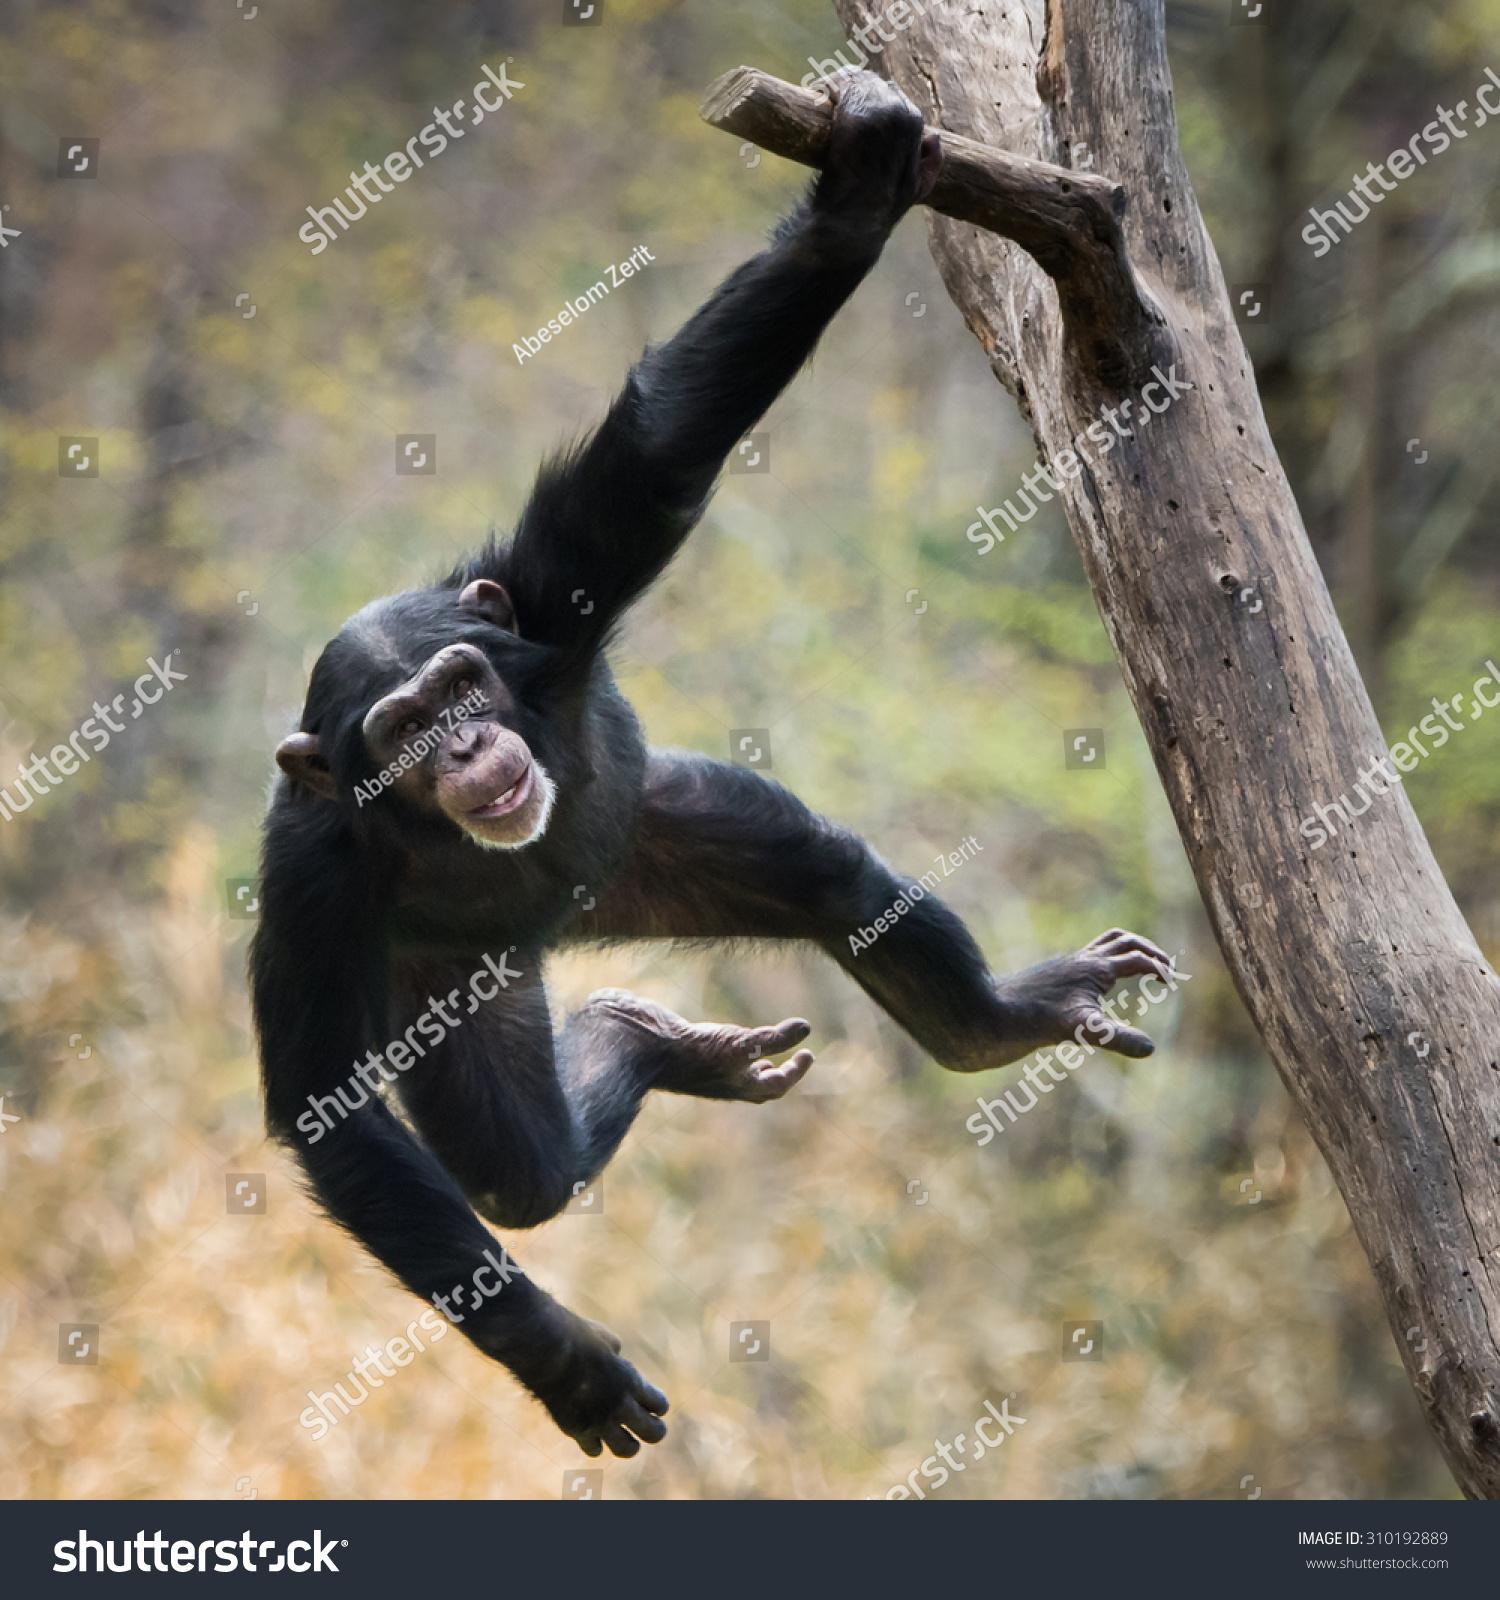 年轻的黑猩猩树枝的摆动-动物/野生生物